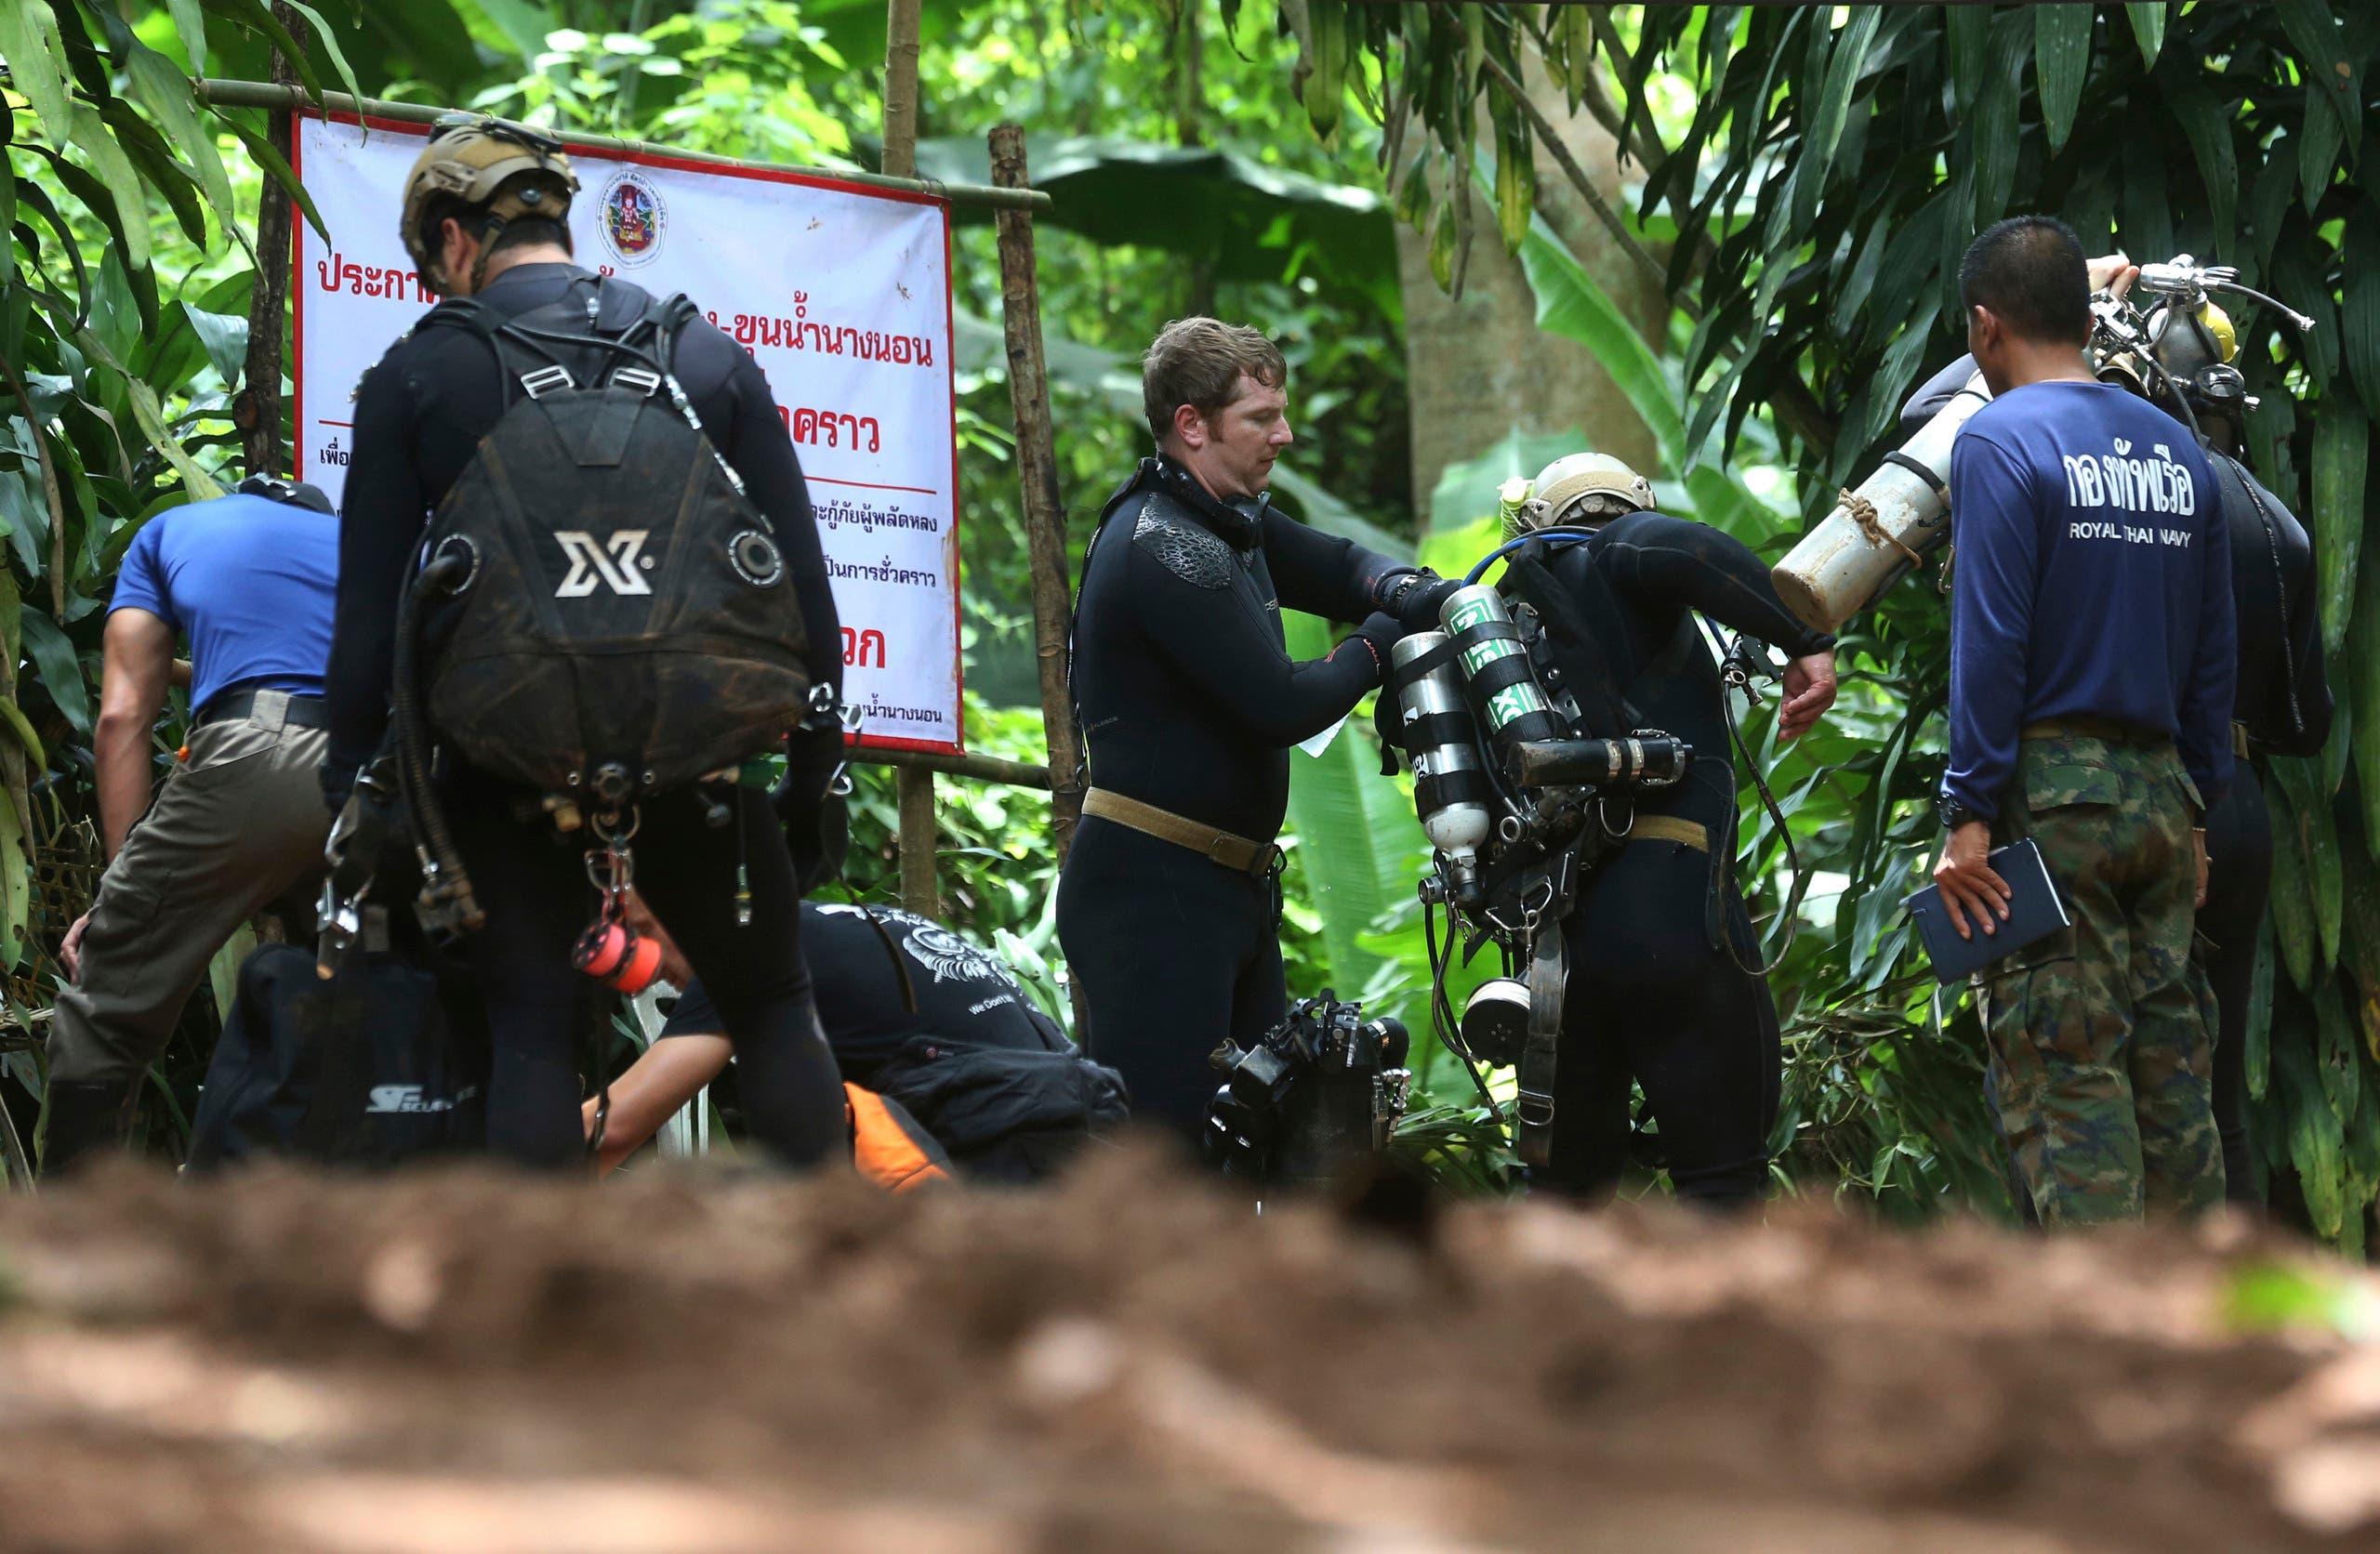 rescue mission underway thai cave (AP)